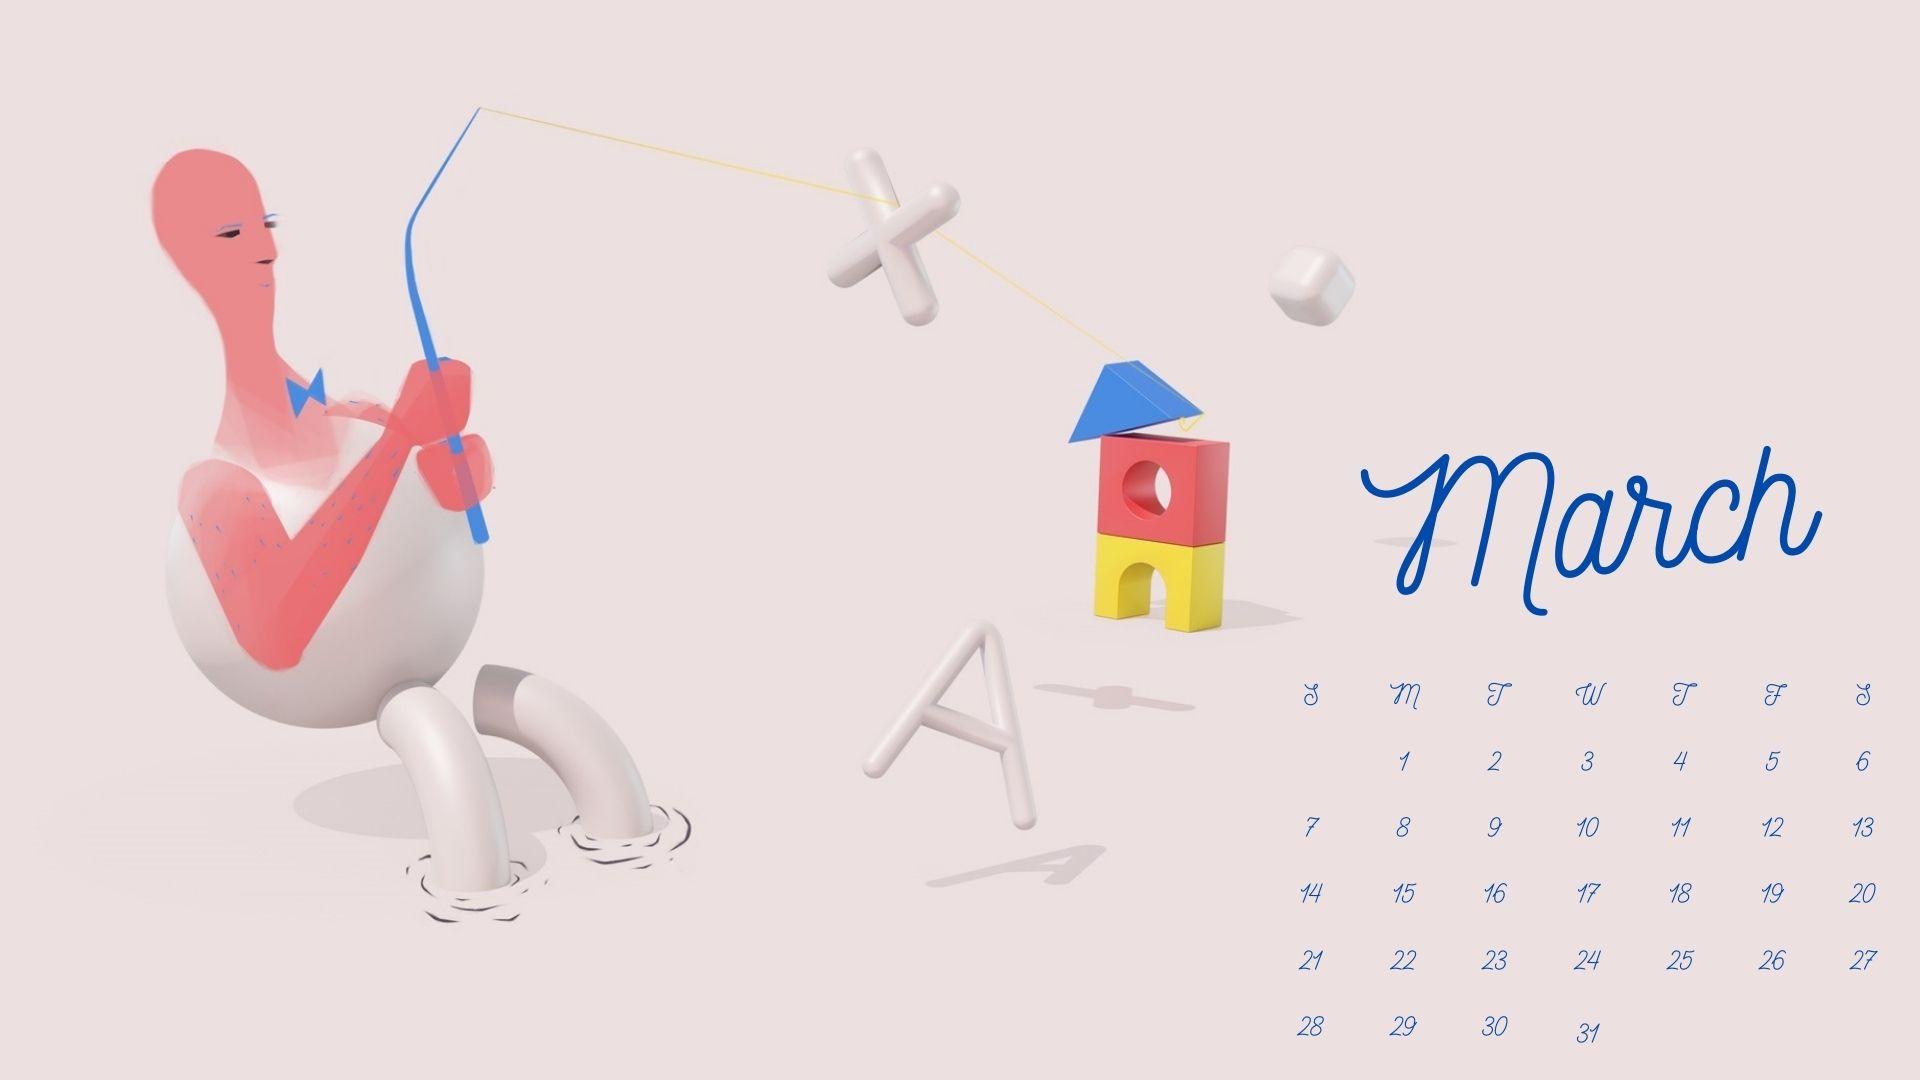 March 2021 Calendar HD Wallpapers Download Calendar 2021